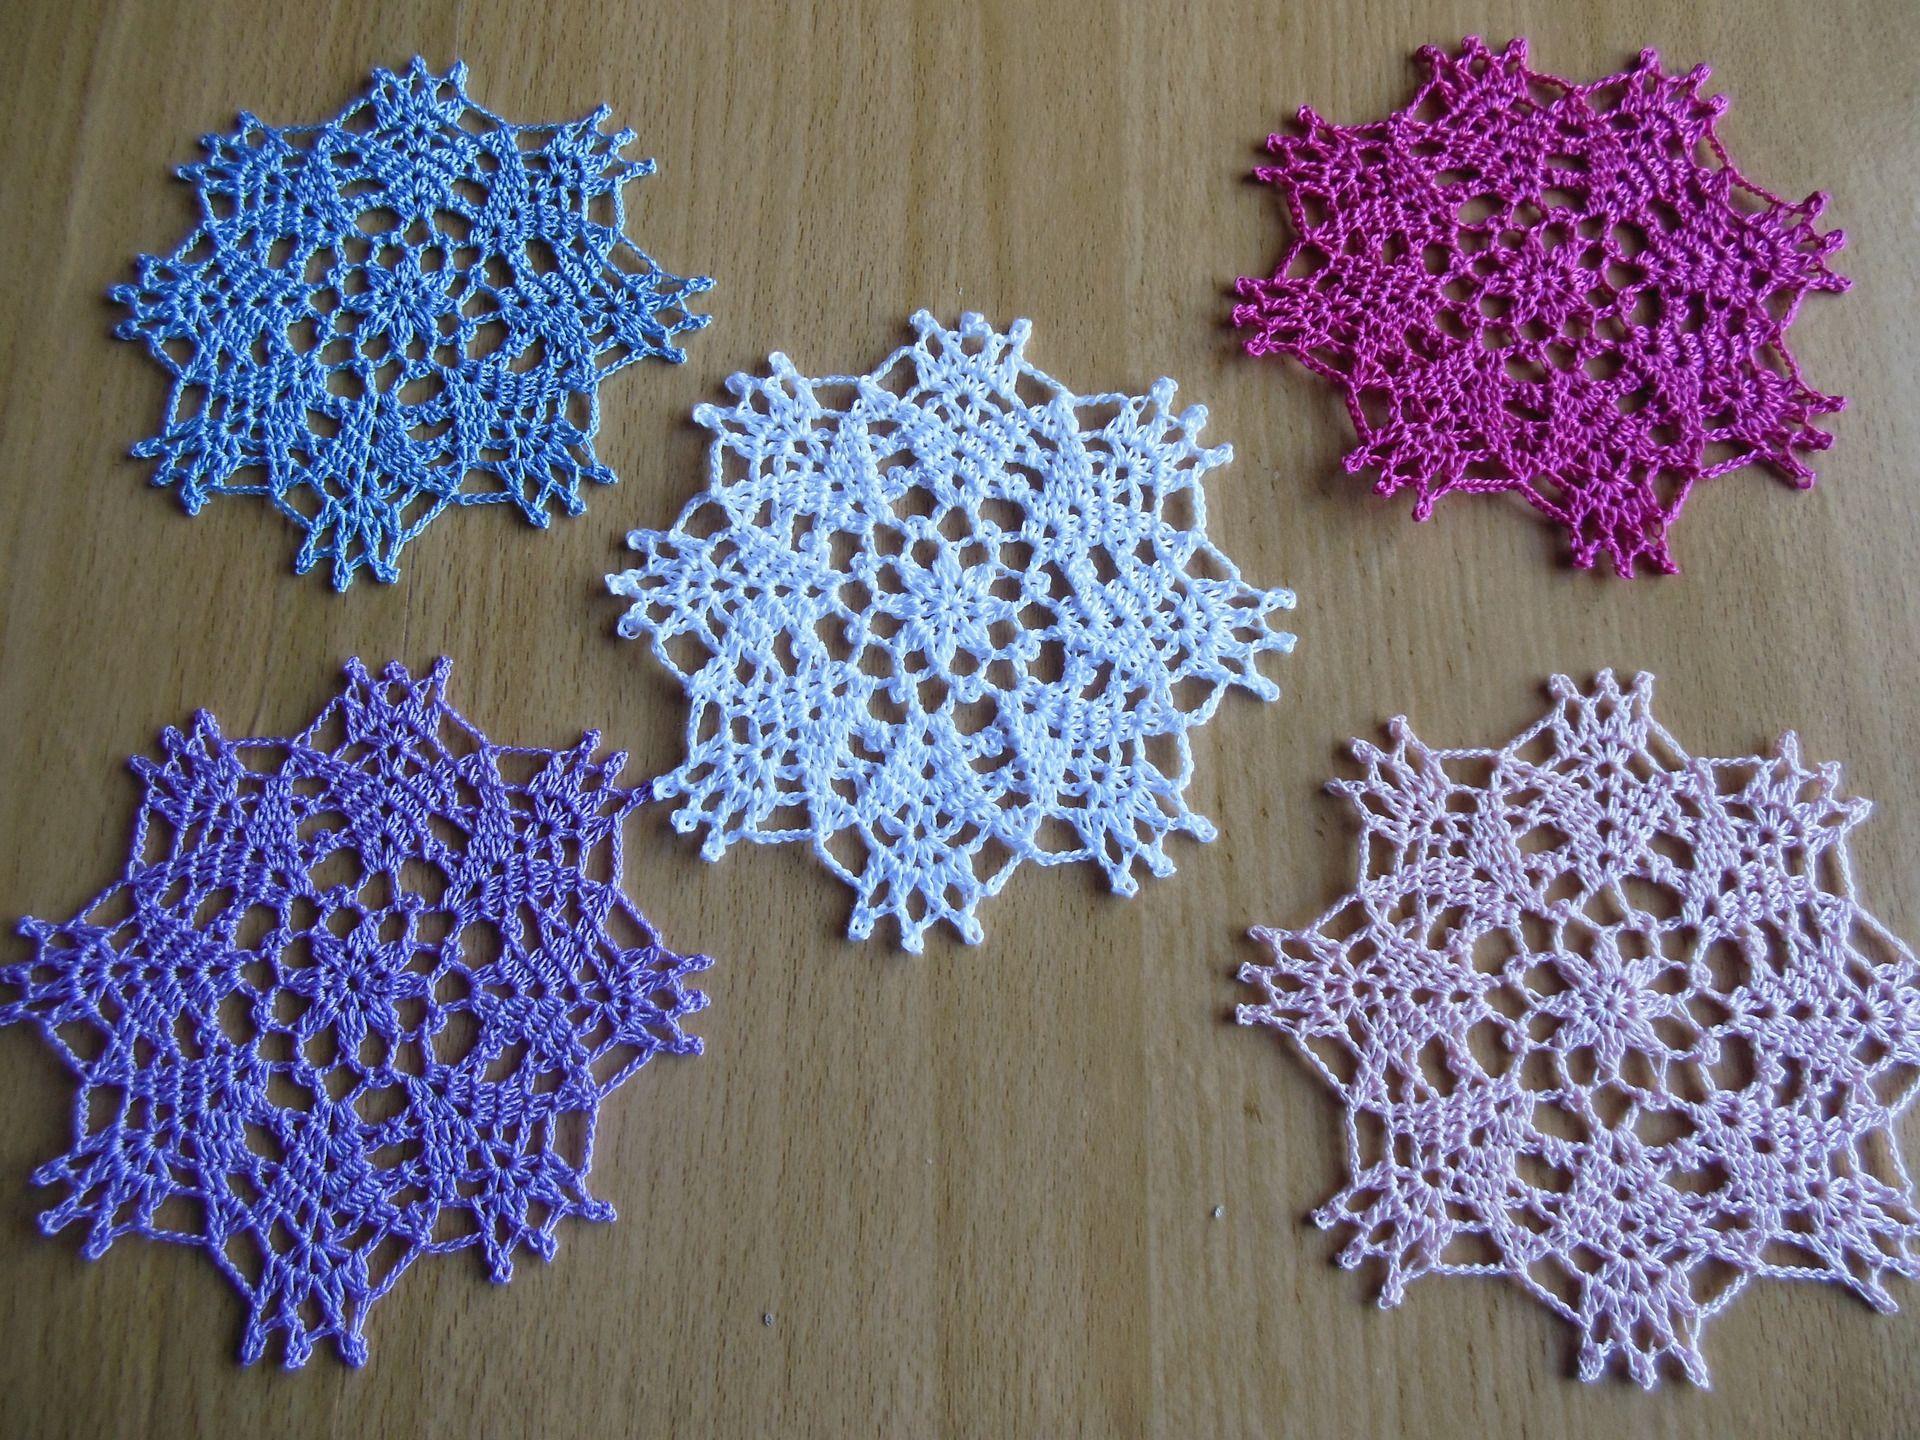 napperon crochet rond daniella en coton textiles et tapis par logique napperon crochet. Black Bedroom Furniture Sets. Home Design Ideas